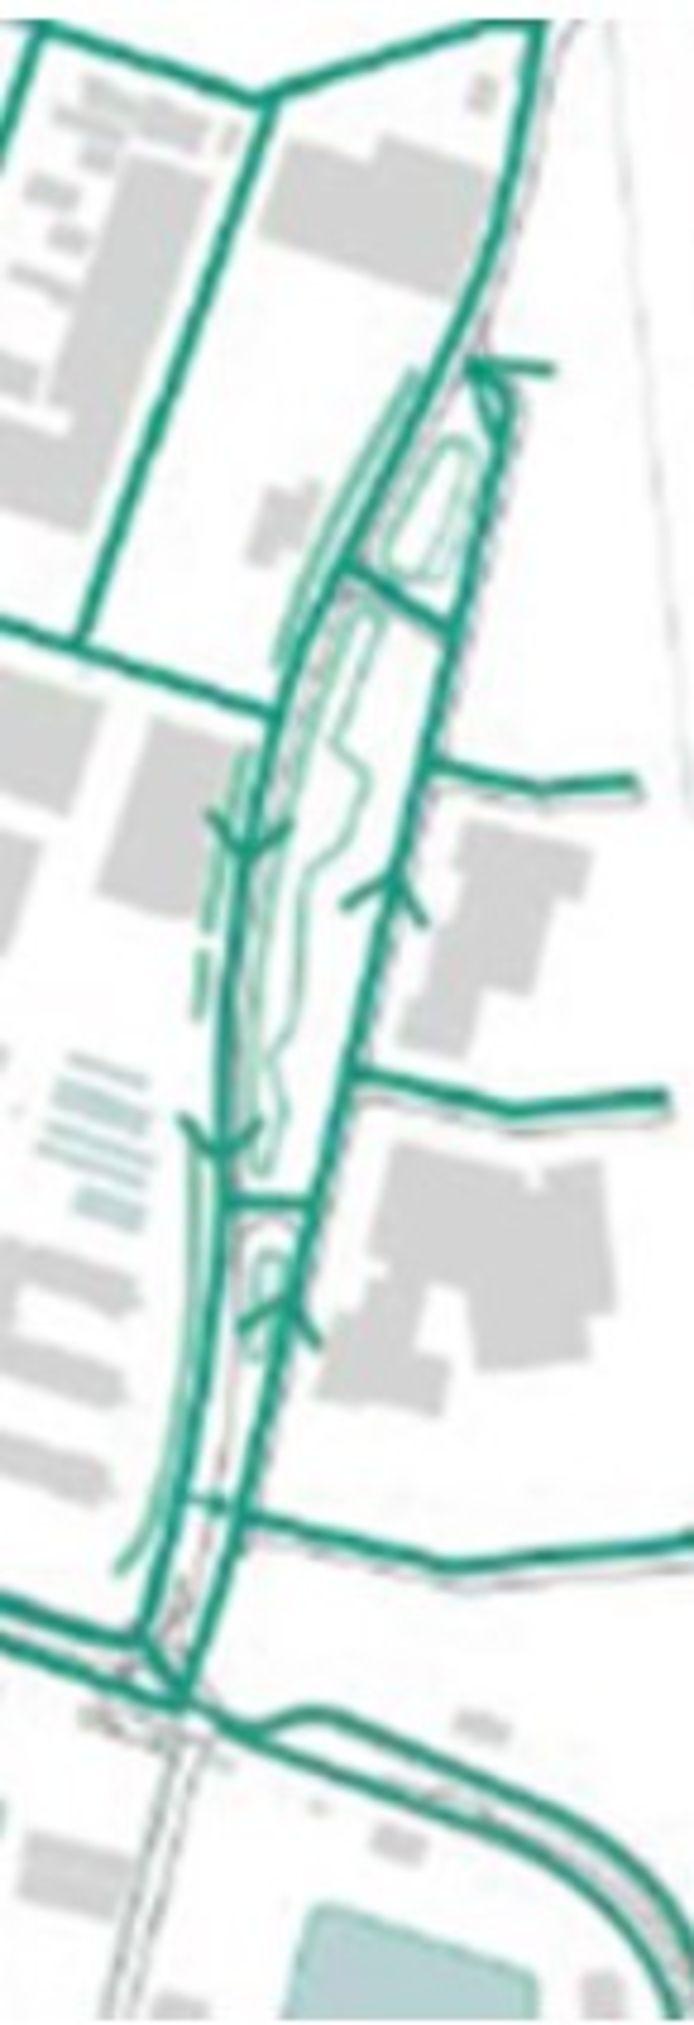 De nieuwe routering: bovenin de spoorwegovergang, links de Oude Veerhavenweg, rechts de doorgetrokken Oost-Souburgseweg, onderaan de Prins Hendrikweg.